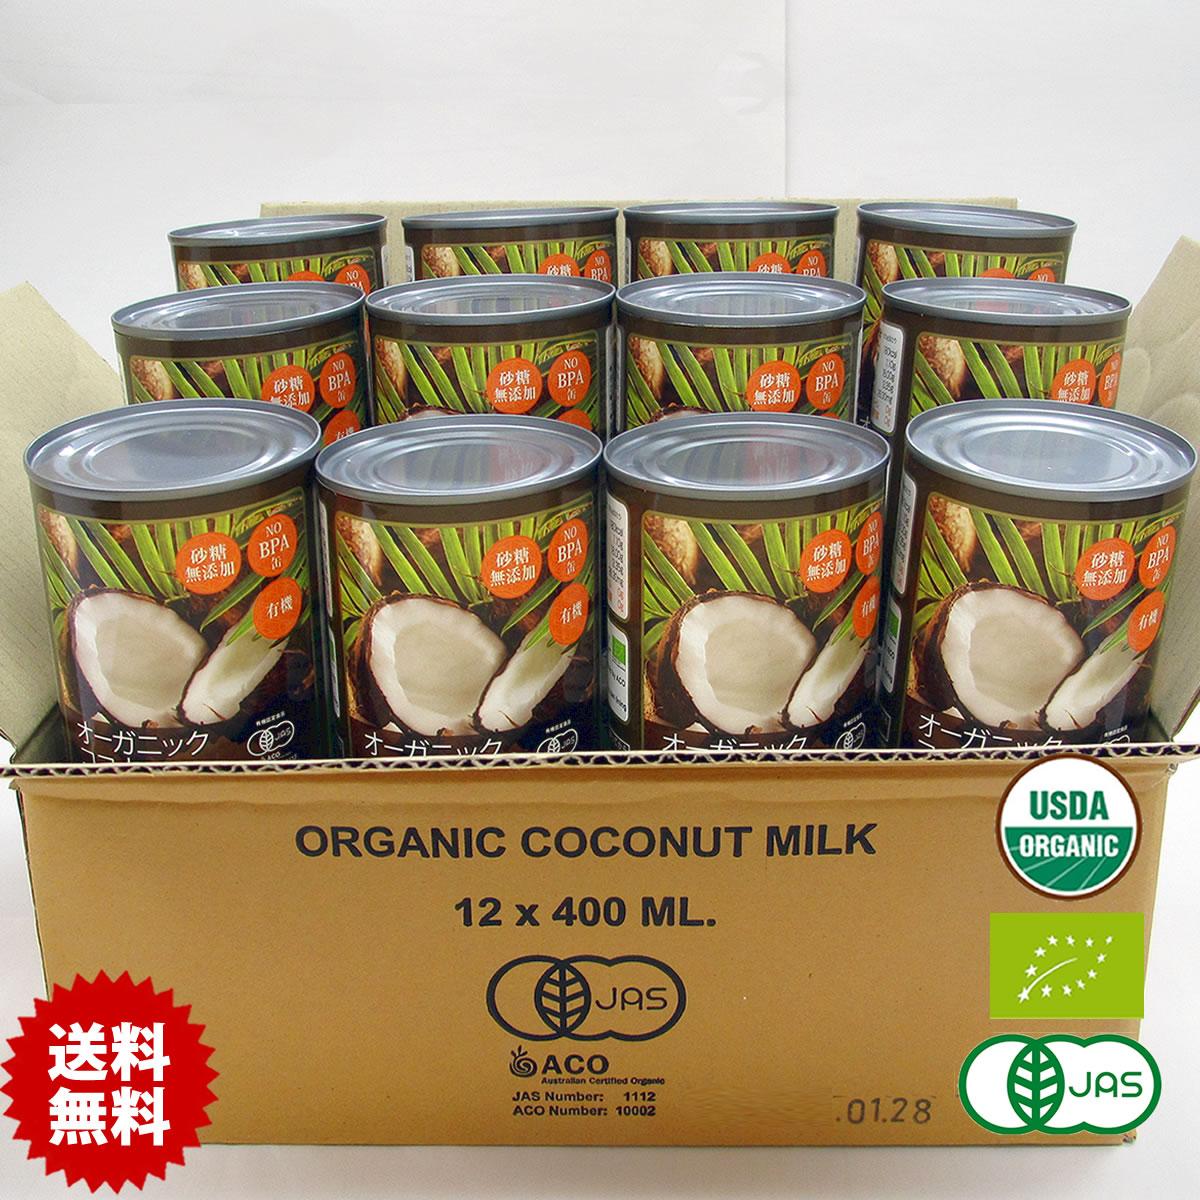 有機JASオーガニックココナッツミルク400ml 12缶セット送料無料 certified organic coconut milk 砂糖無添加・無精製・無漂白・無保存剤 BPA不使用